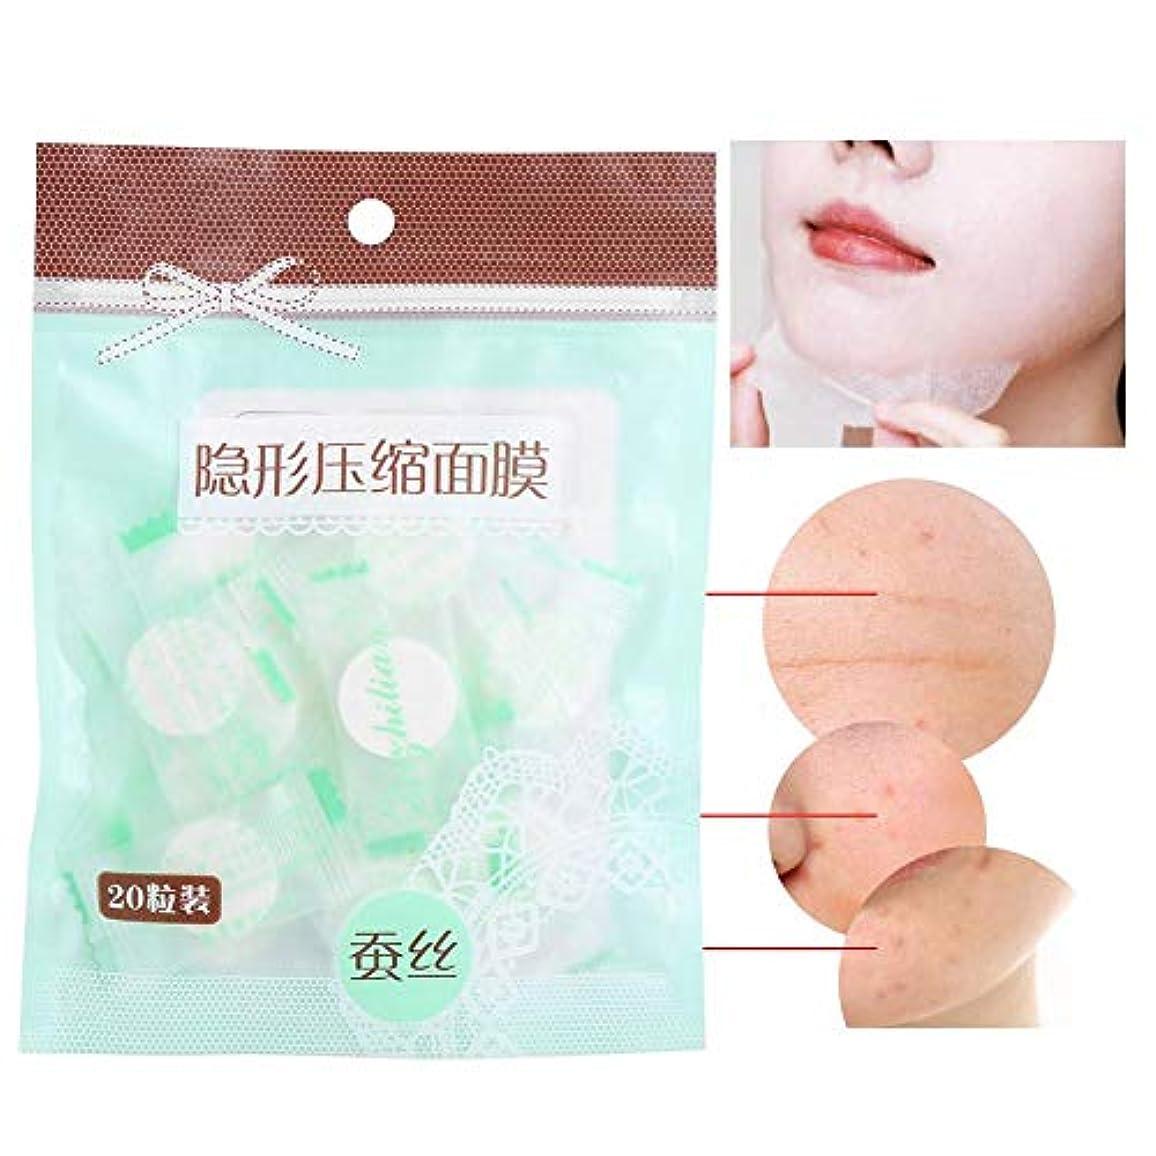 裏切り相談する教育する圧縮 使い捨て 20枚 シルク ナチュラル 保湿 フェイシャルマスクスキンケア DIY 美容メイクアップマスク